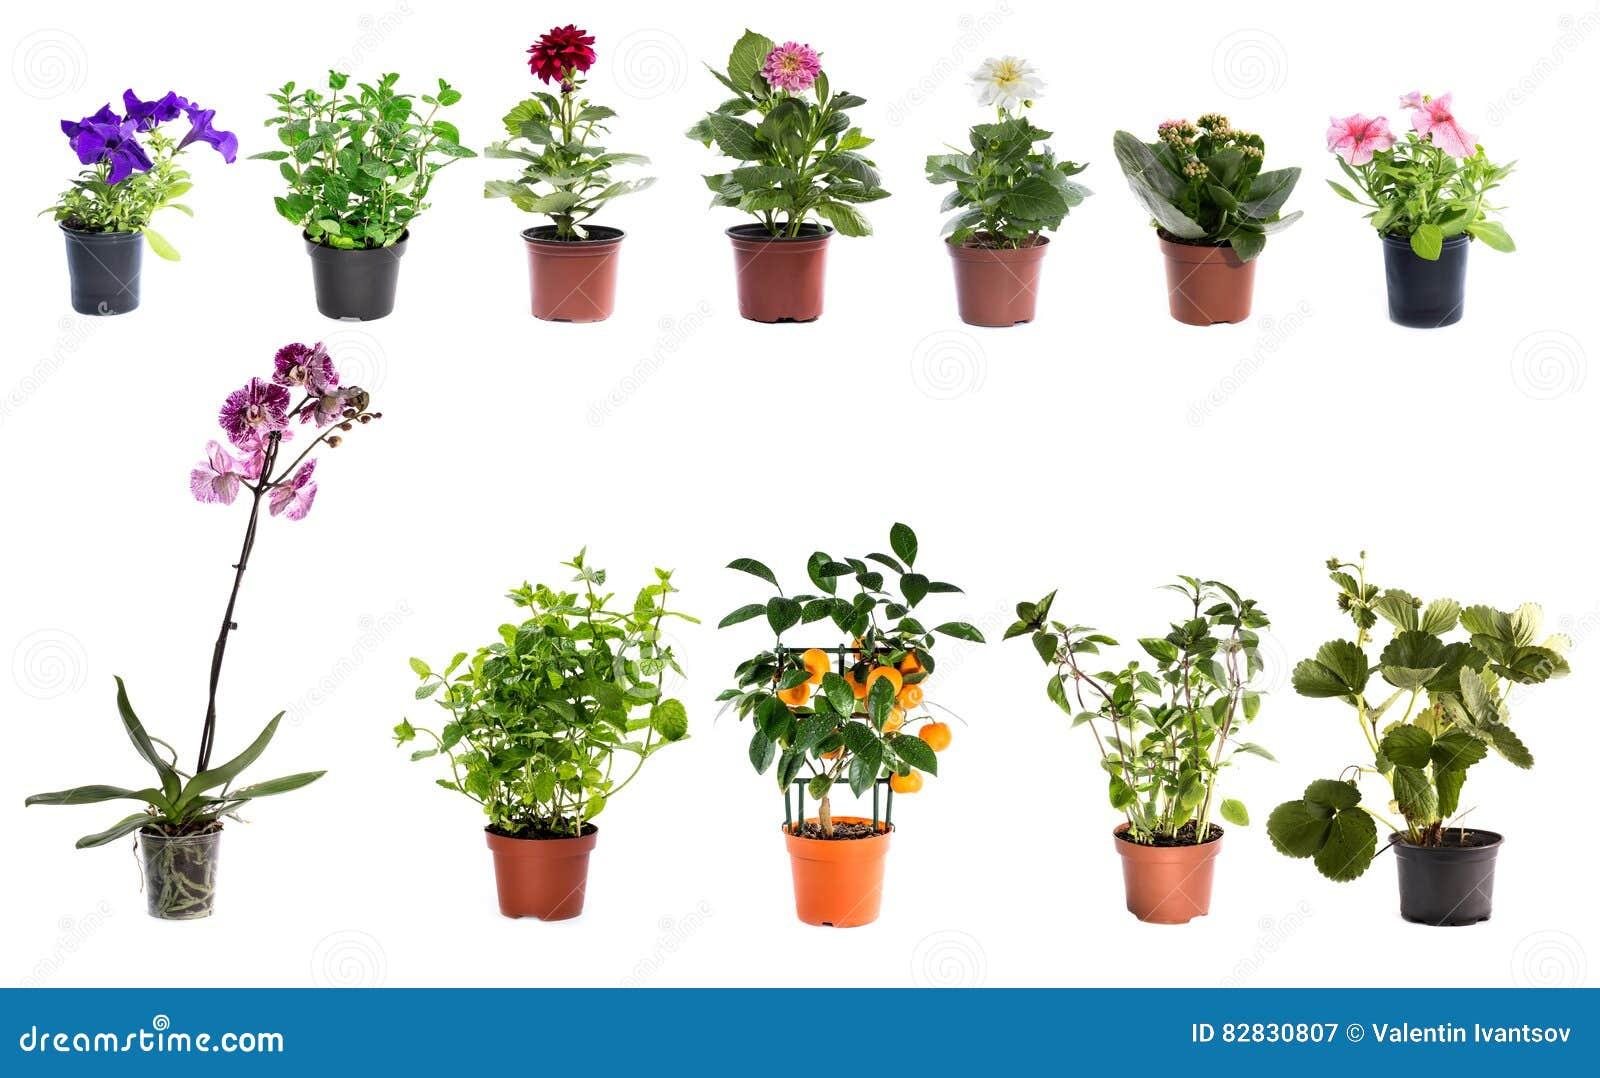 Collage av inomhus växter i krukor på en vit